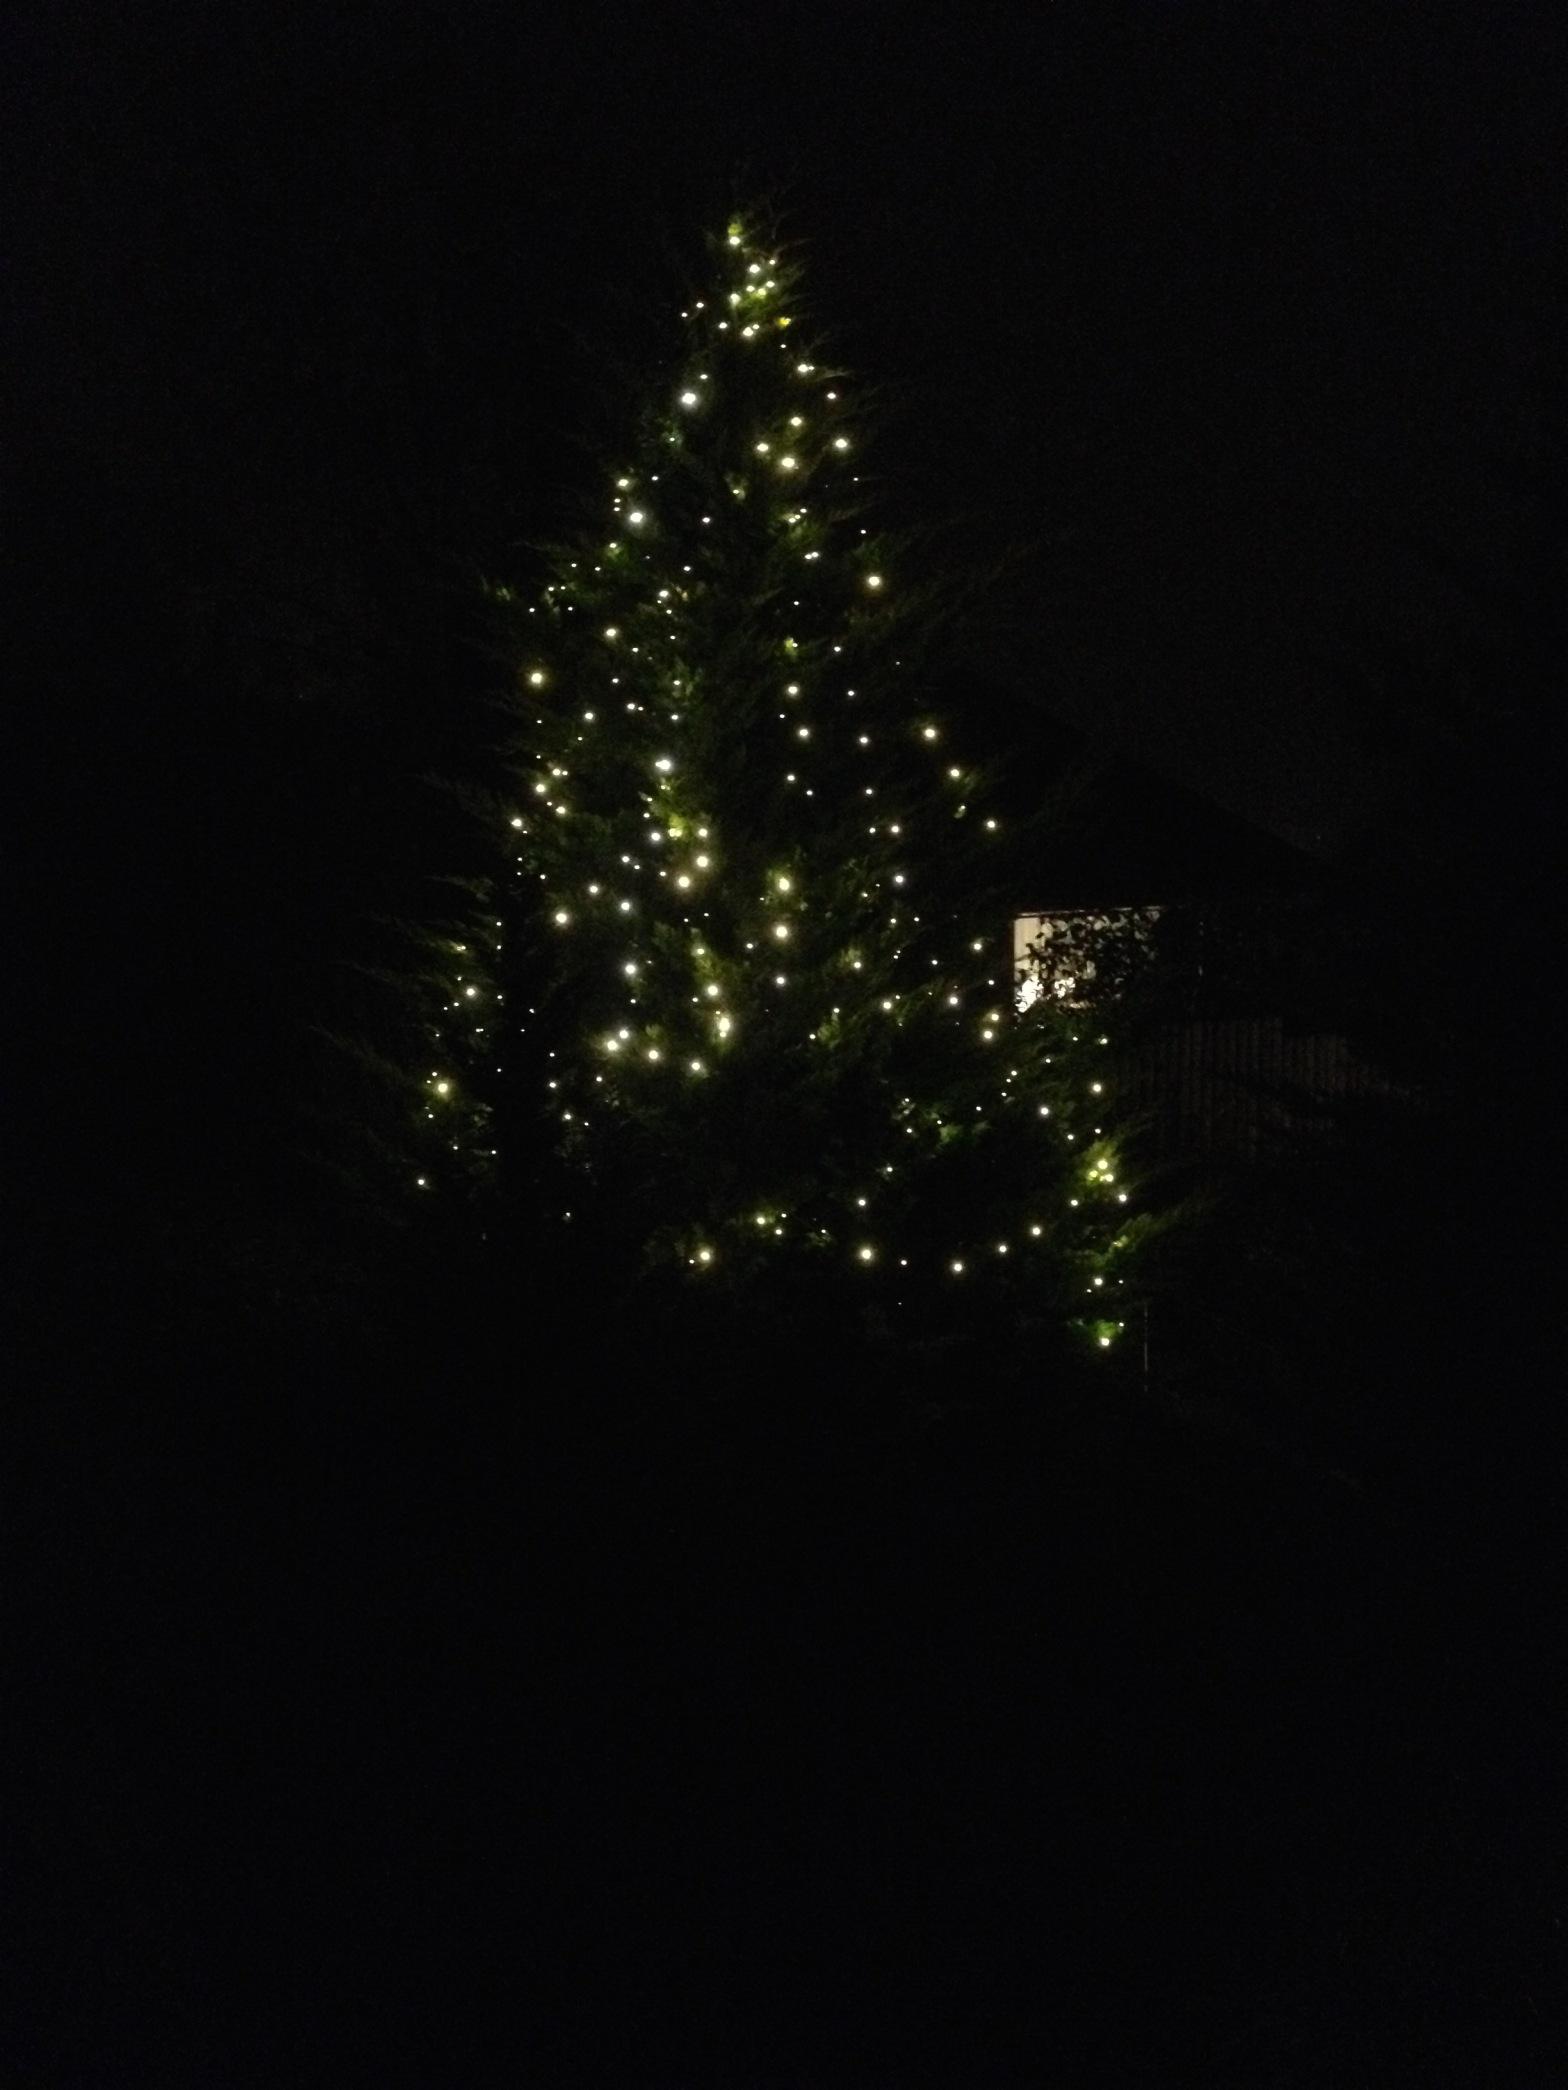 Baum mit Weihnachtsbeleuchtung im Advent